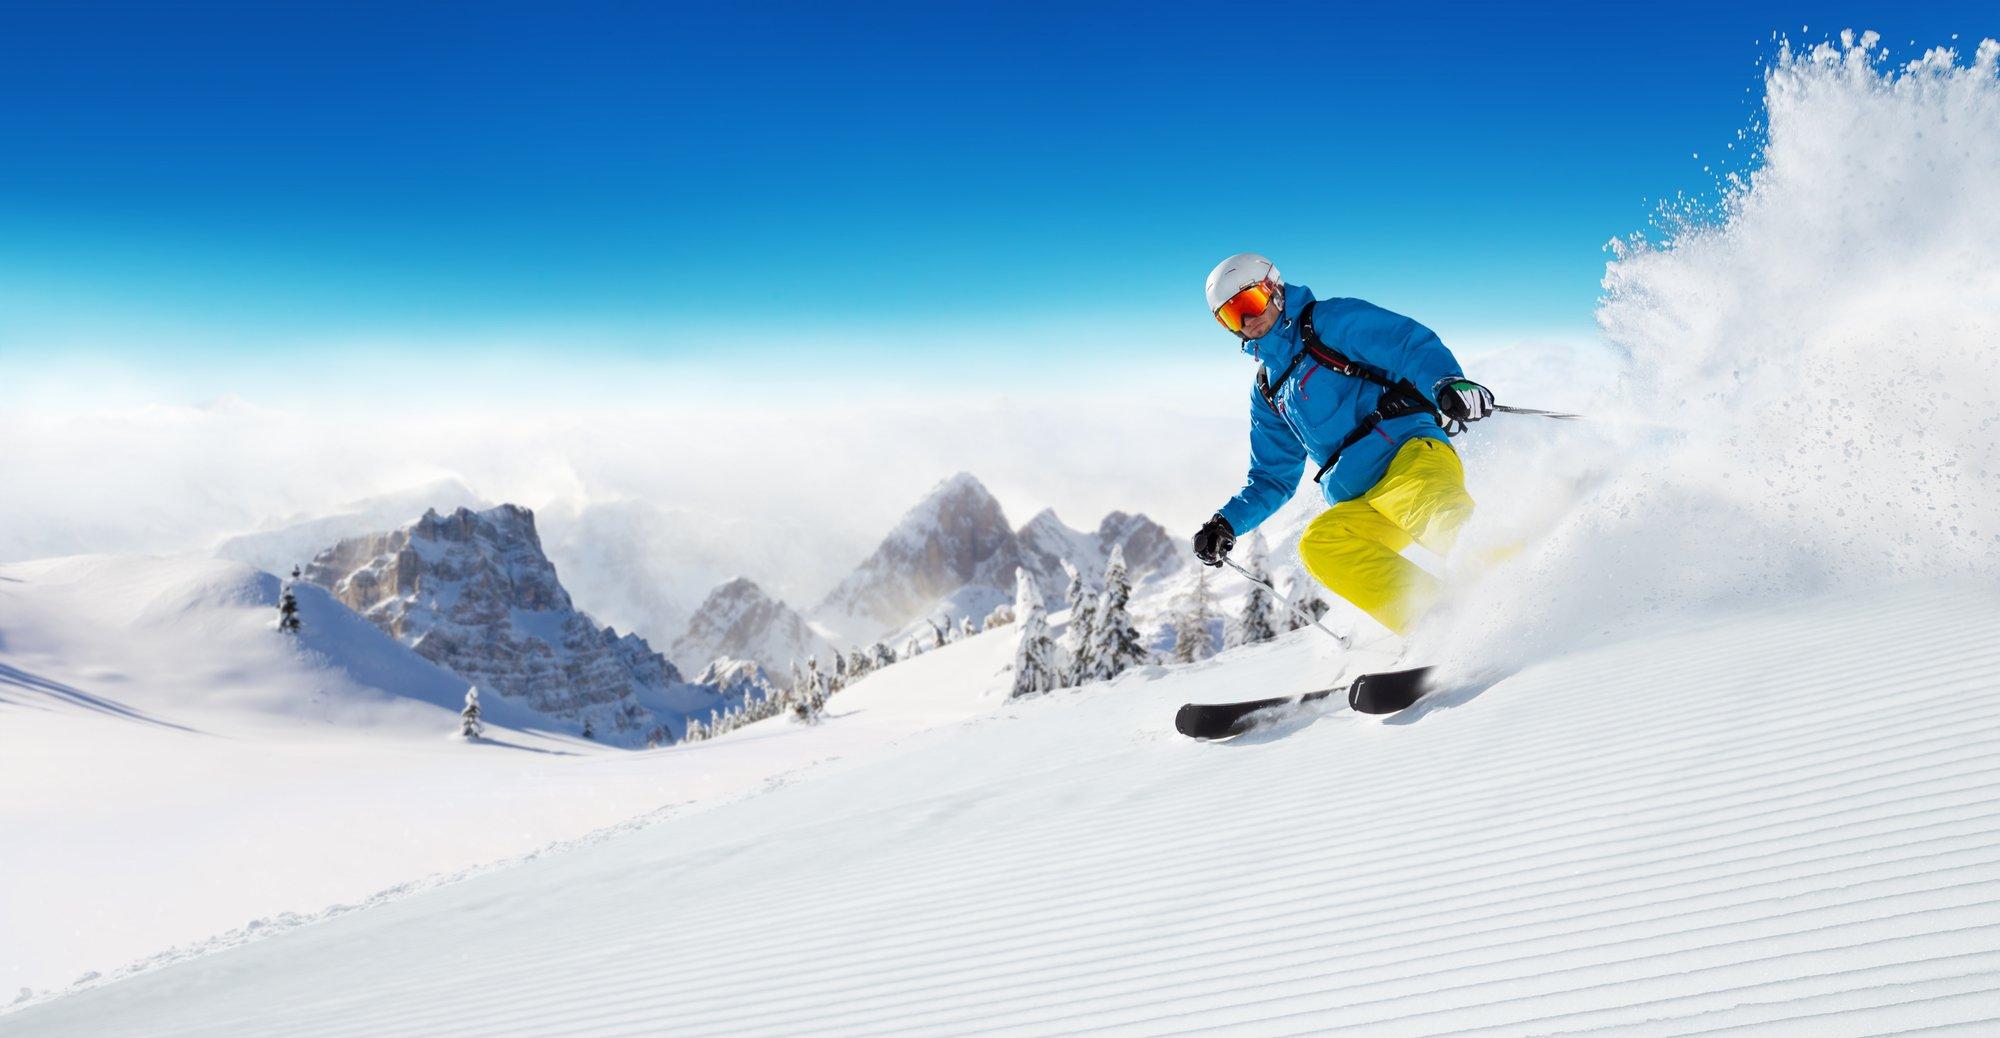 A skier on powder snow